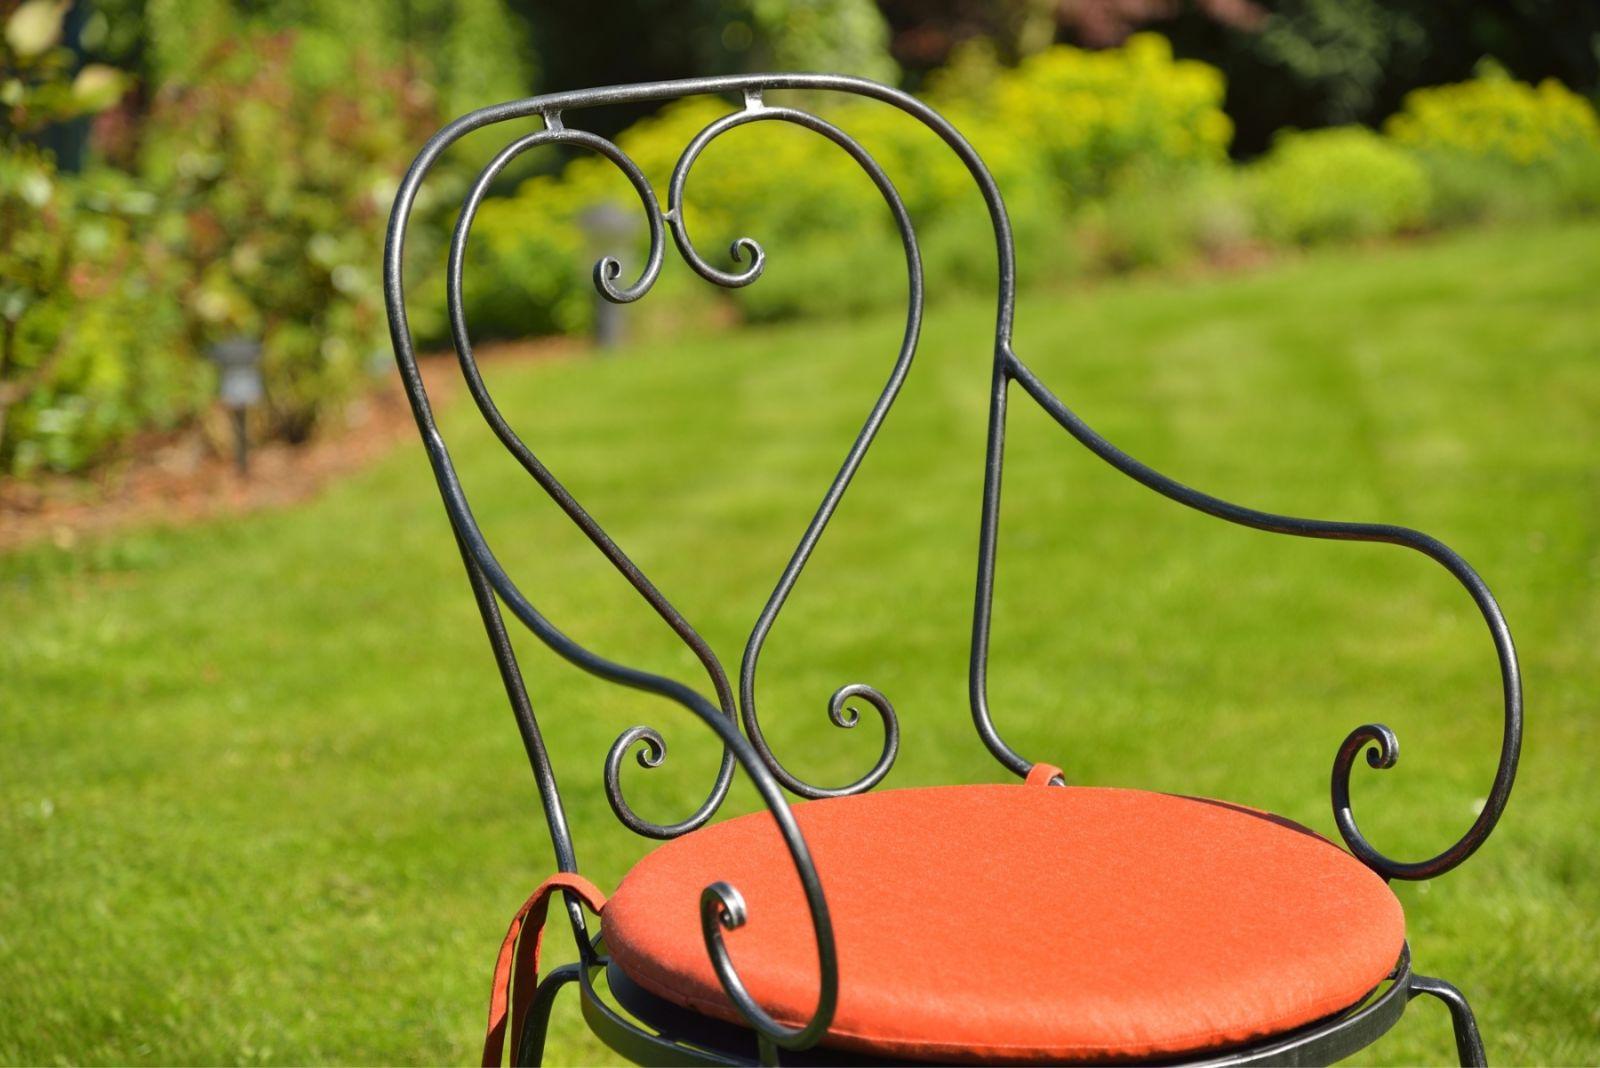 Gartenmöbel aus Eisen | Schmiedemöbel (Metallmöbel) – IRON ART ...